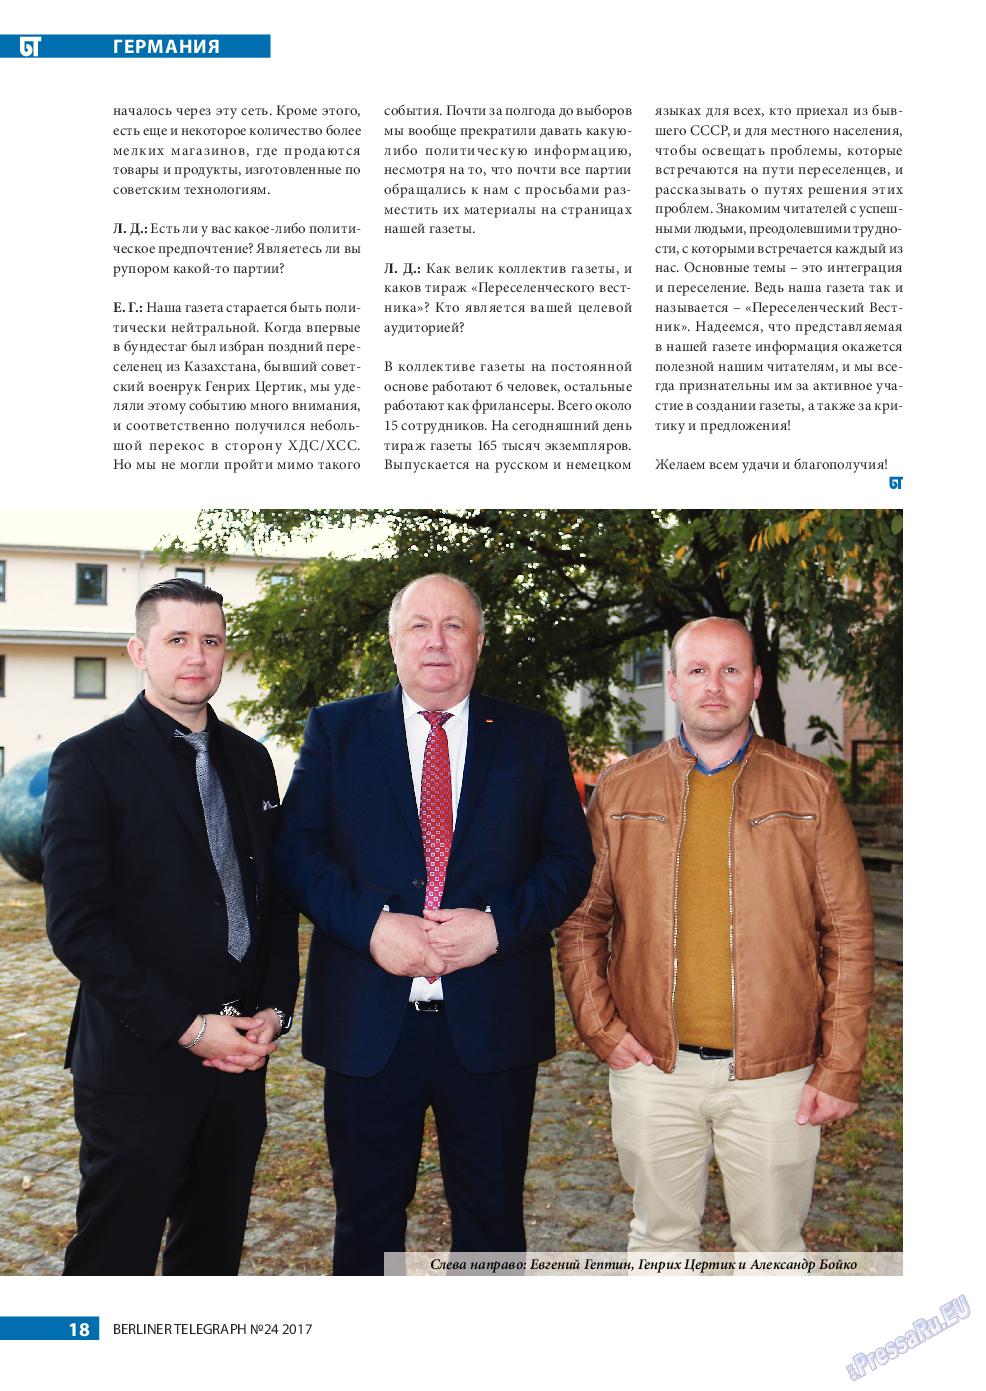 Берлинский телеграф (журнал). 2017 год, номер 24, стр. 18